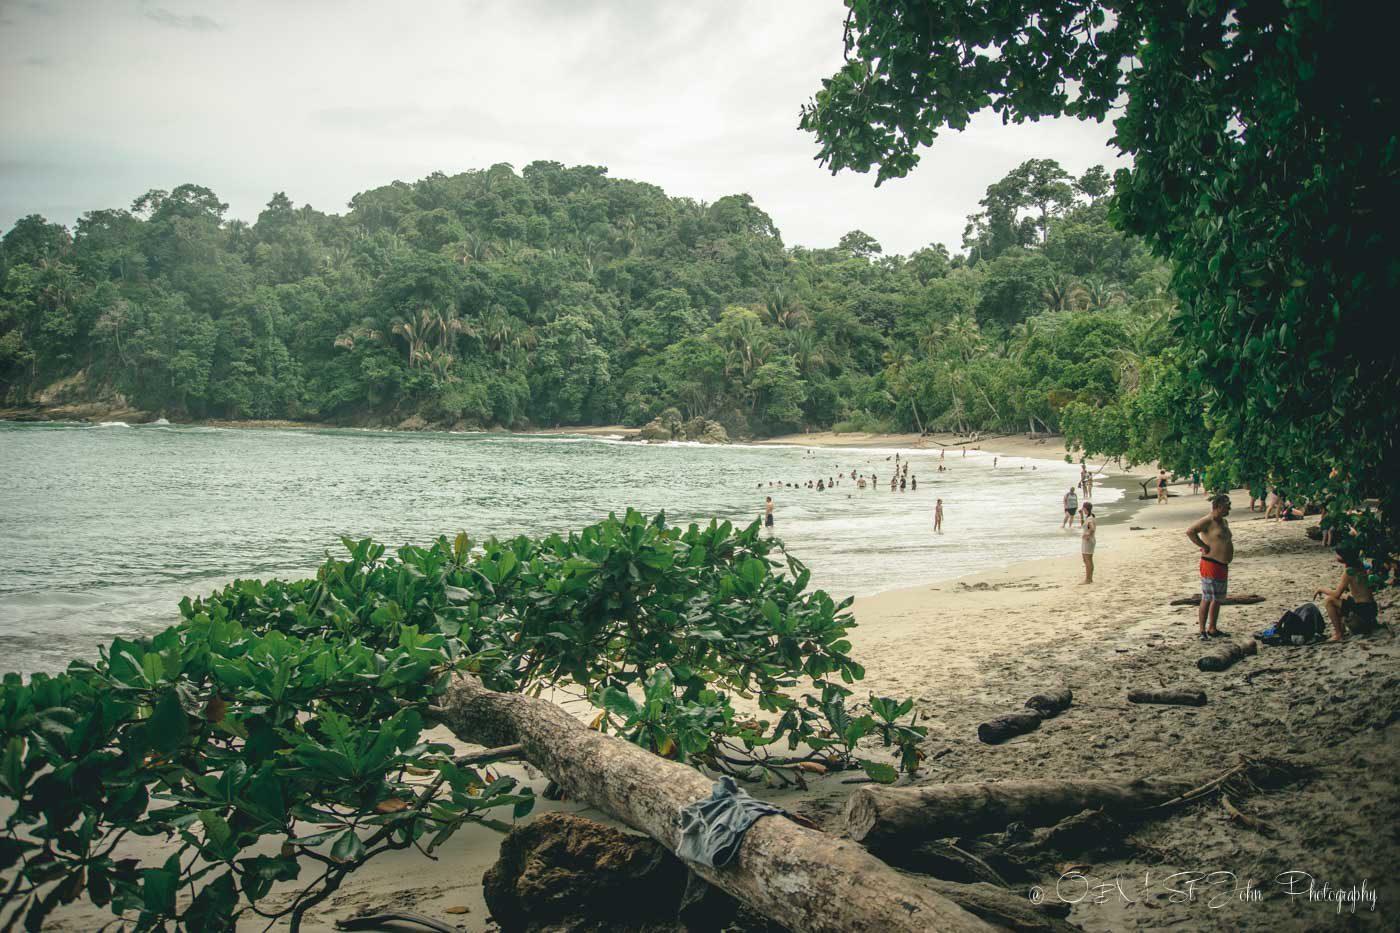 Manuel Antonio: hite sand beach costa rica